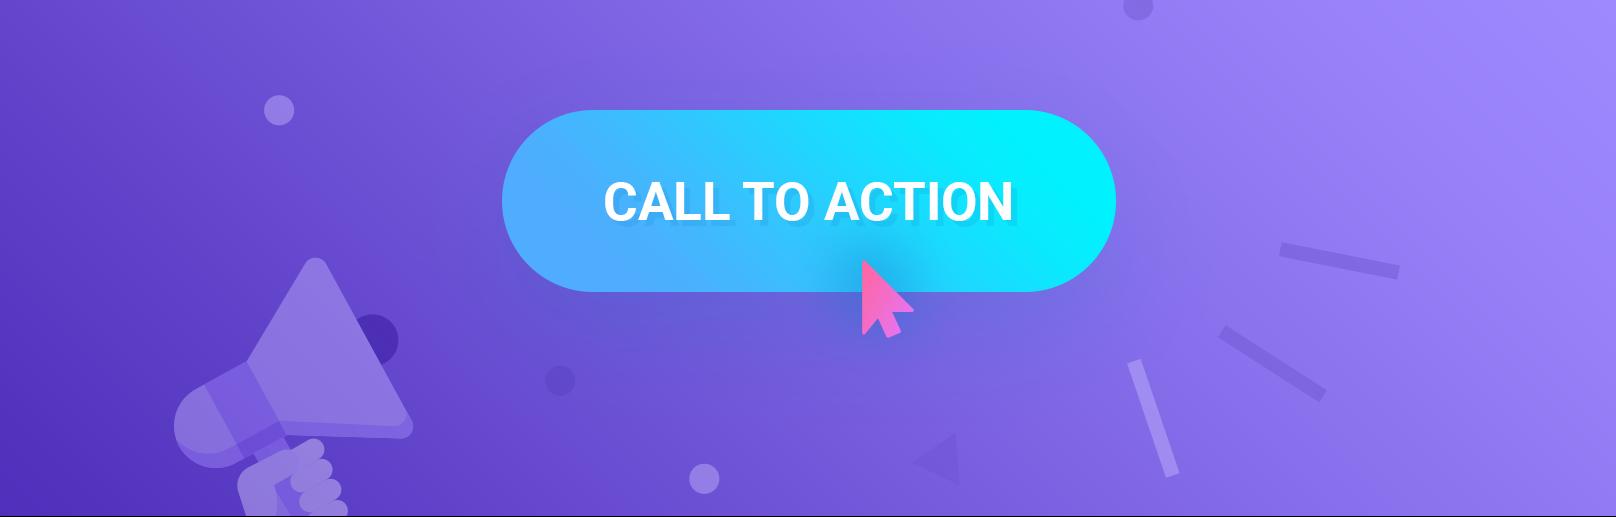 Maksimum Dönüşüm Oranı İçin, Web Sitenizin UX Tasarımını İyileştirme